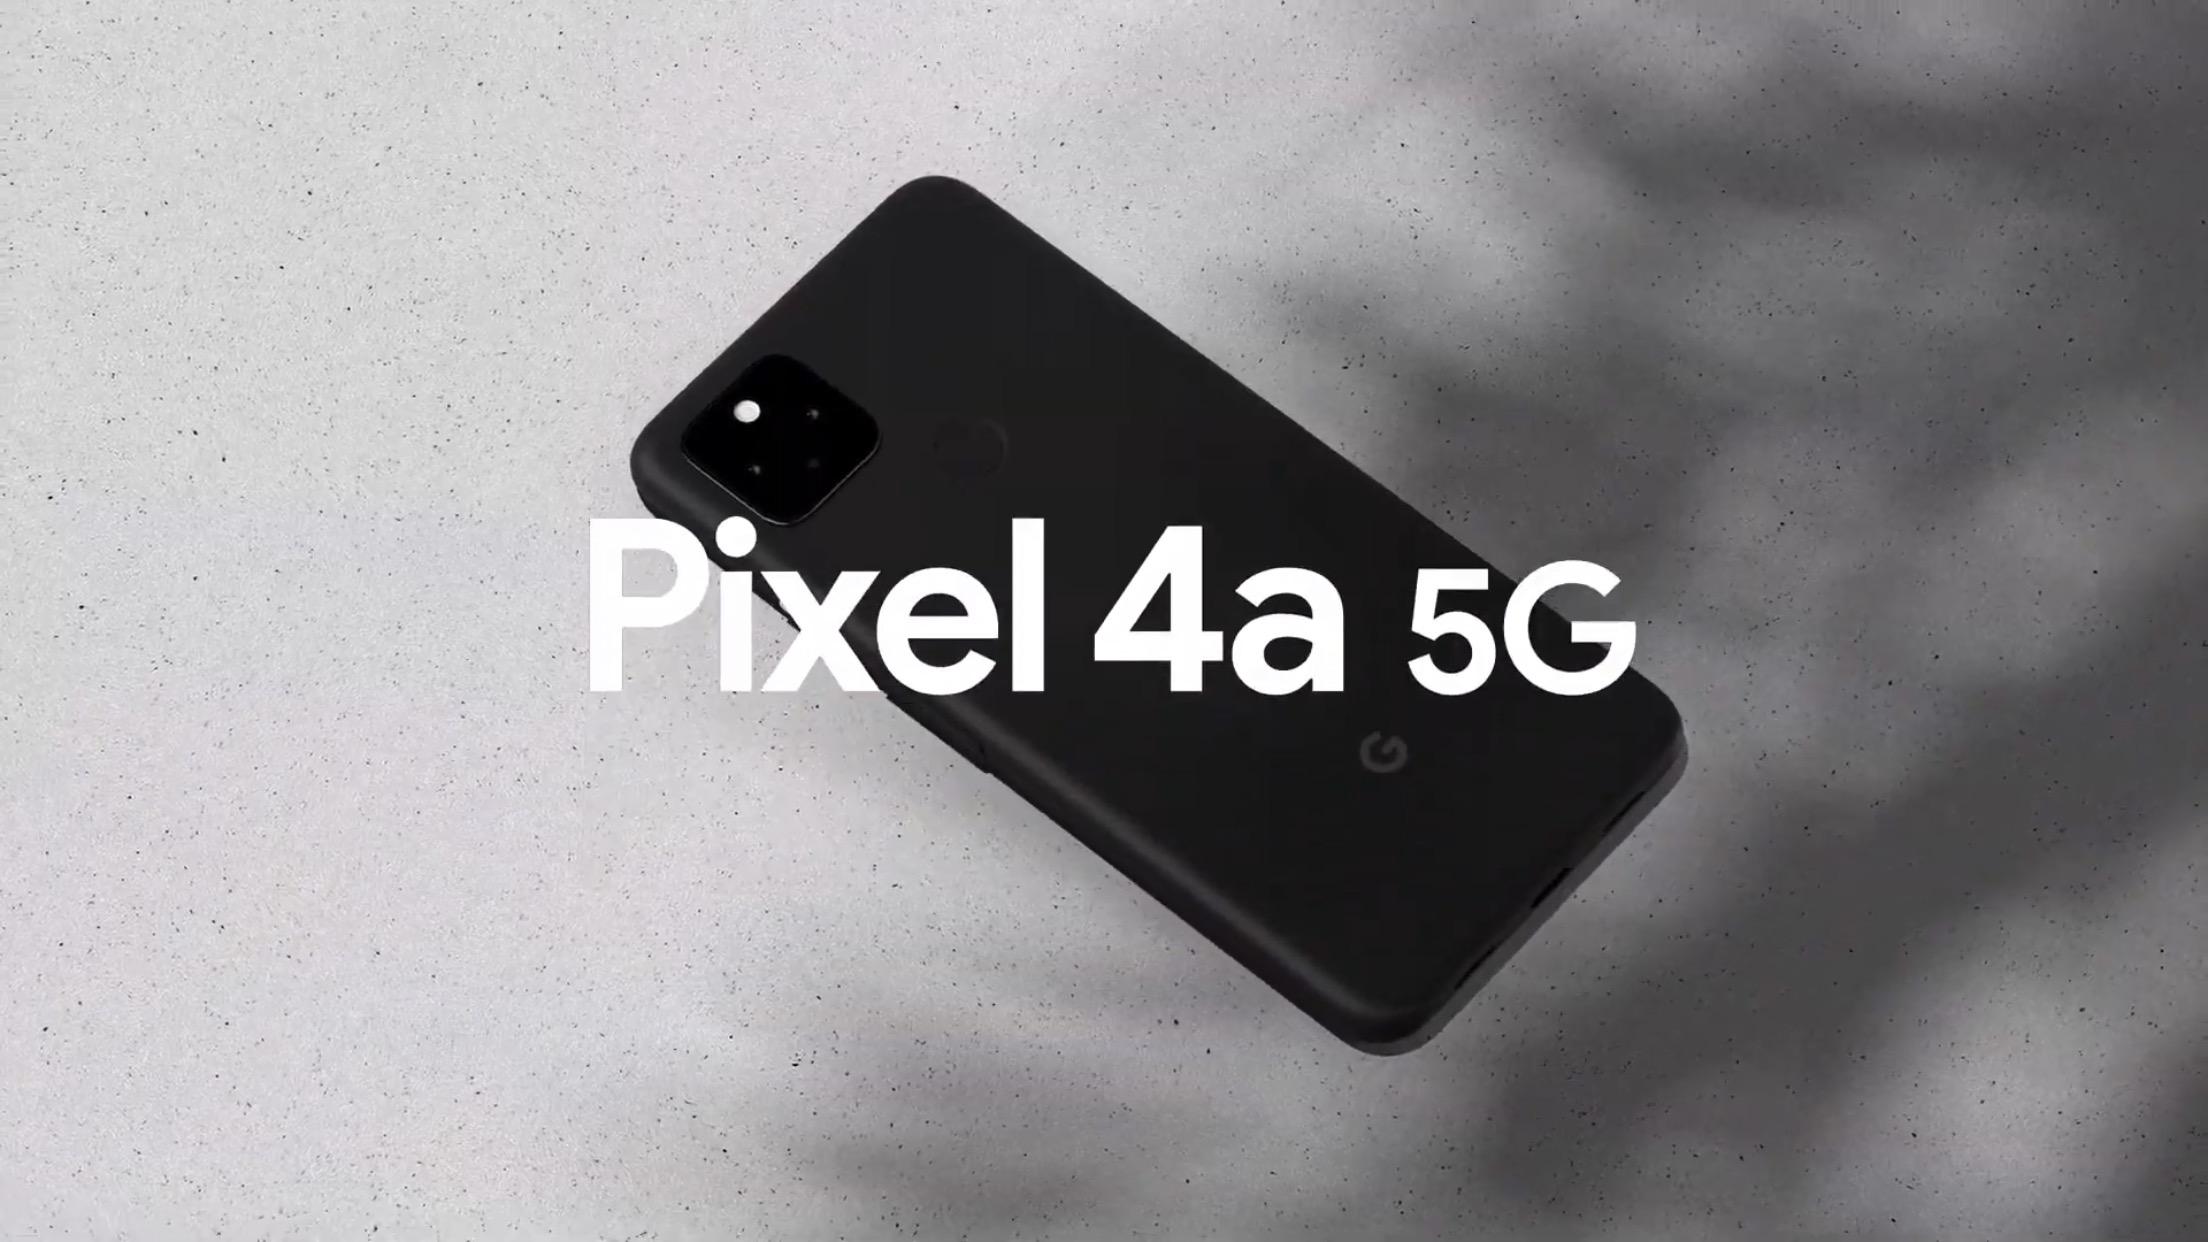 速報:「Pixel 4a (5G)」登場。6万円で5G対応、2眼カメラ搭載